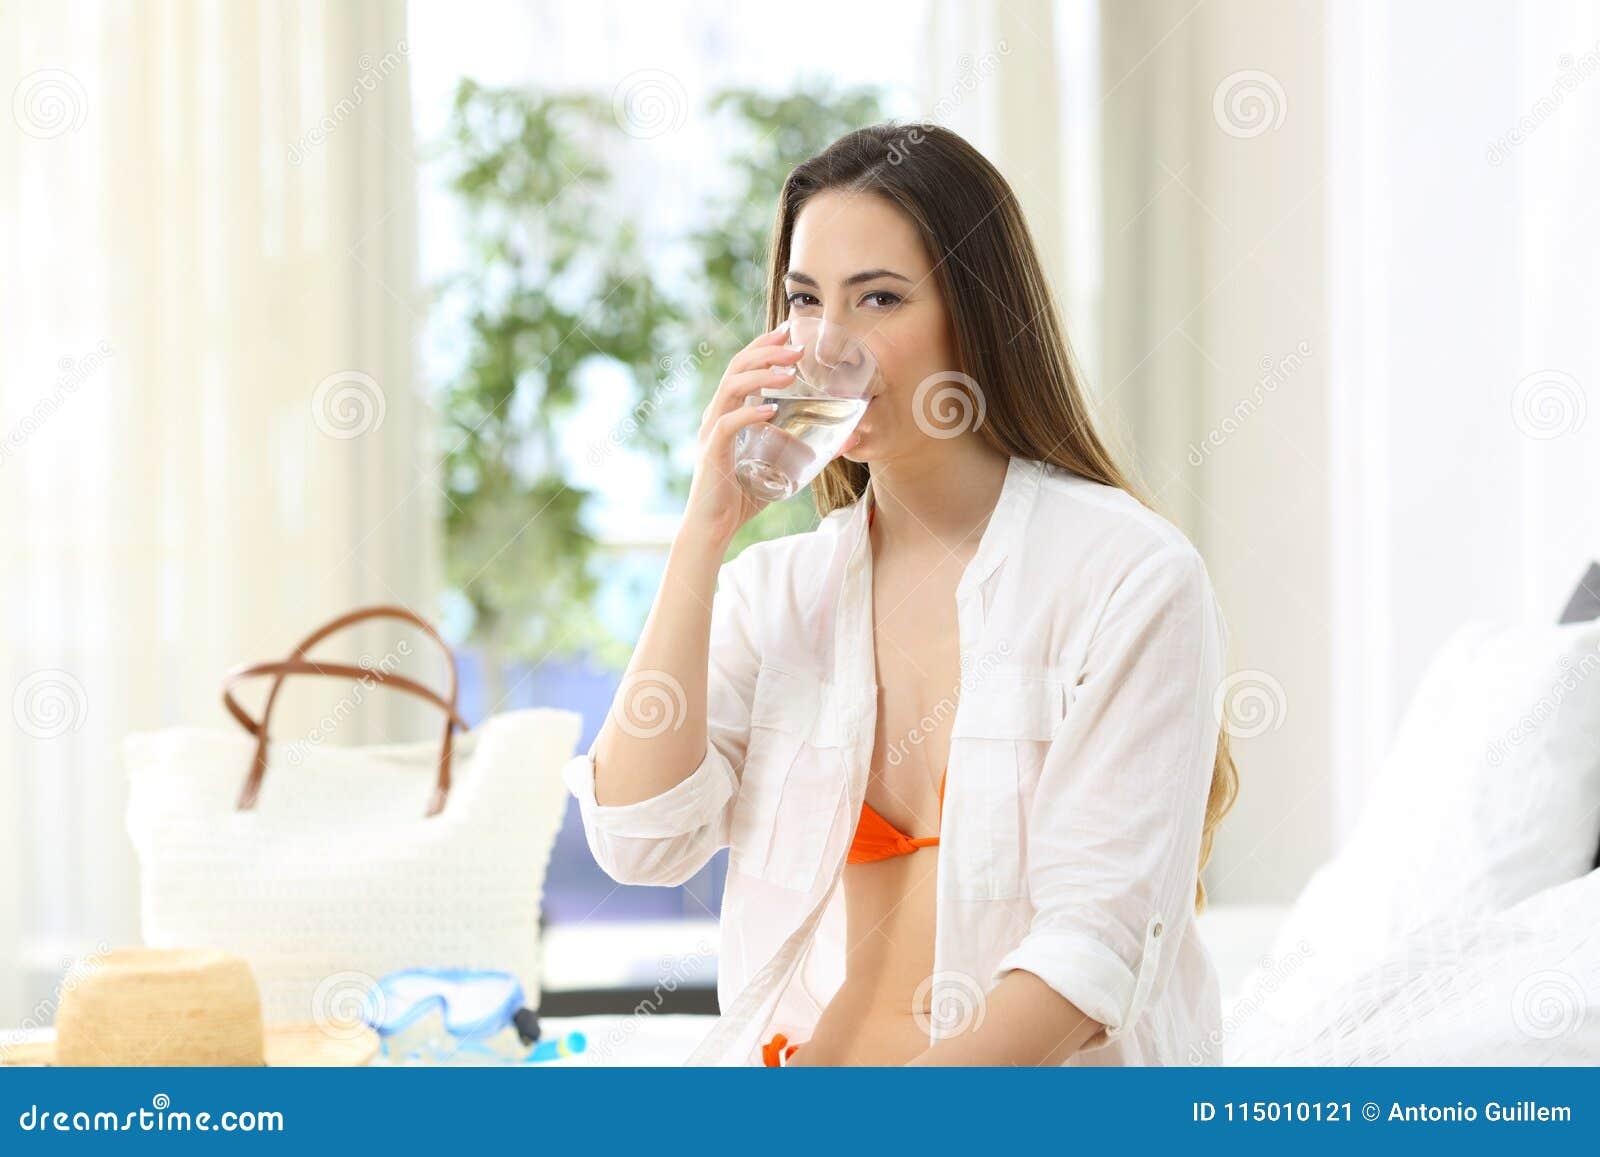 Touriste buvant l eau du robinet potable dans une chambre d hôtel